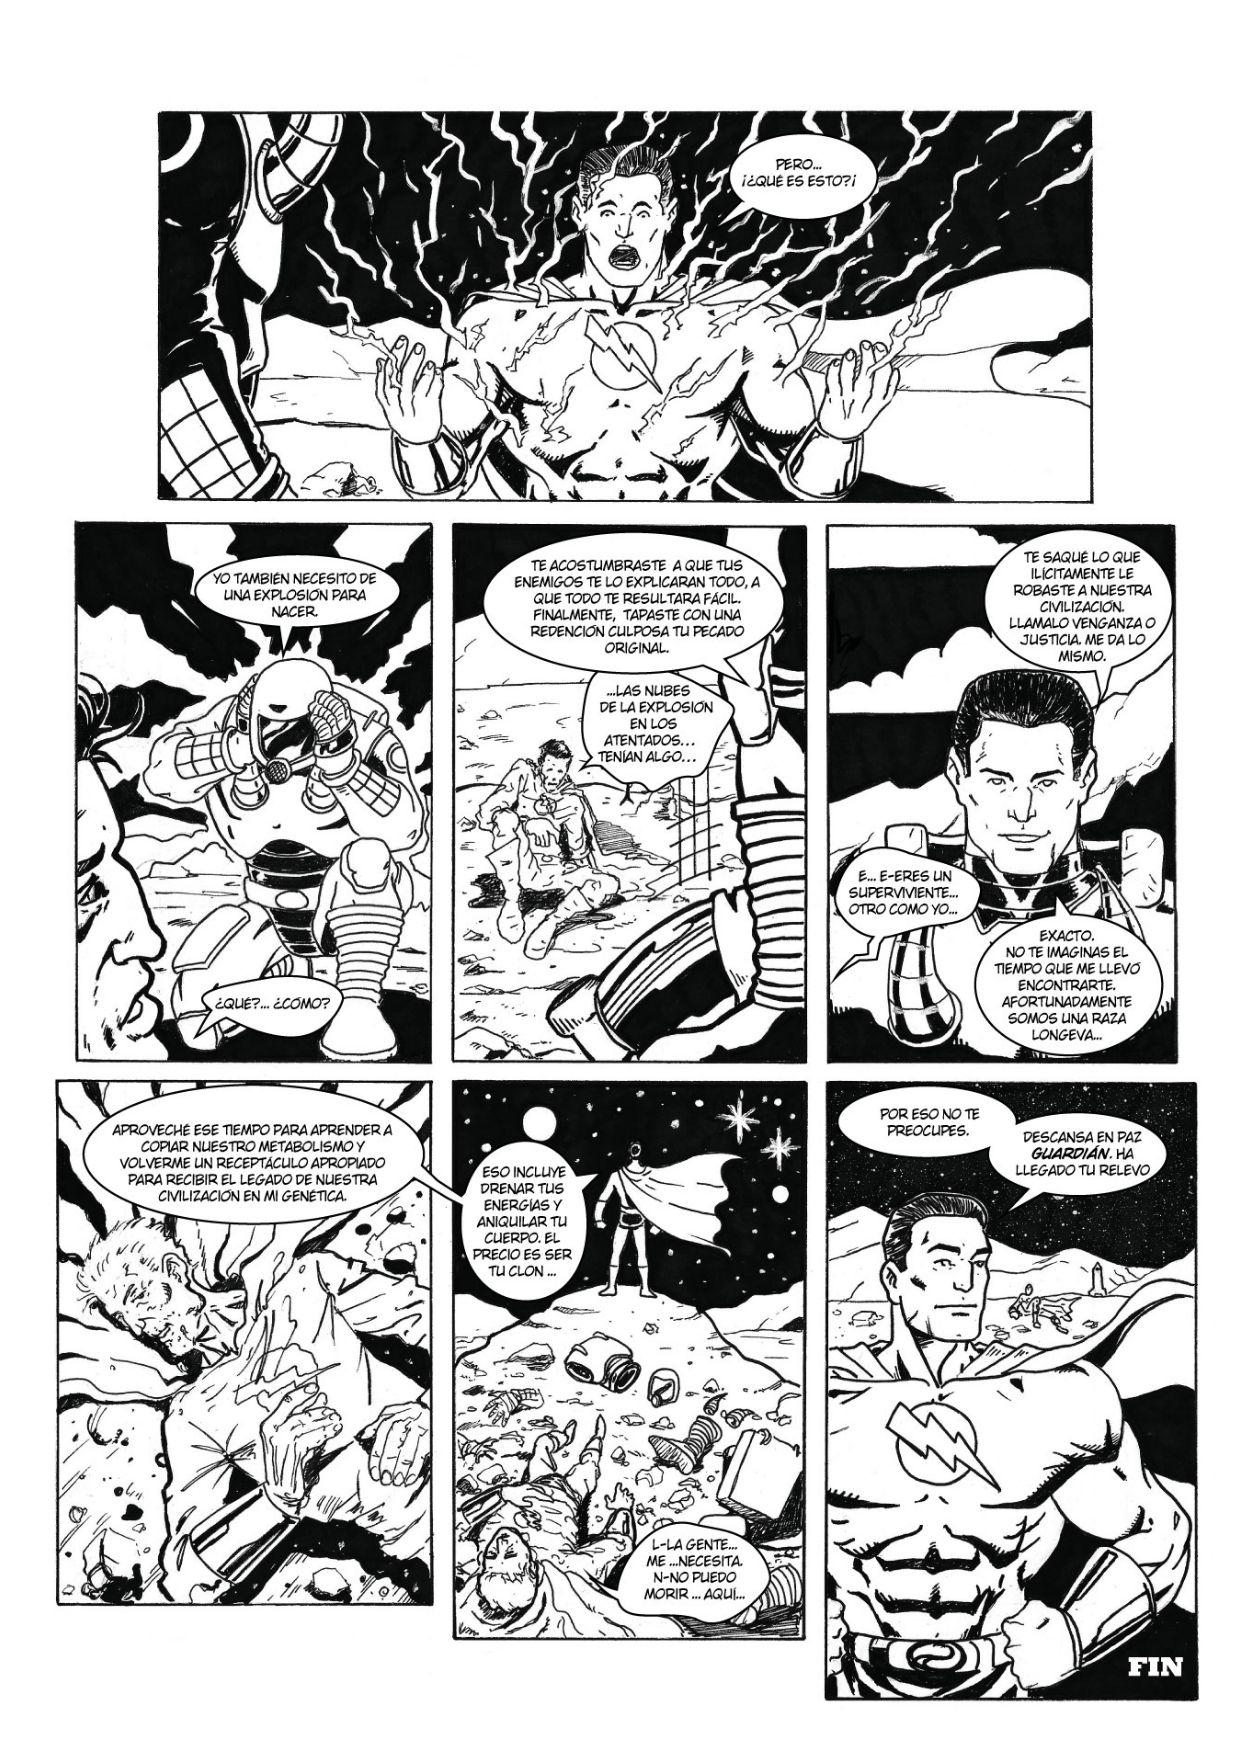 Monstruo-y-otras-historias-12a